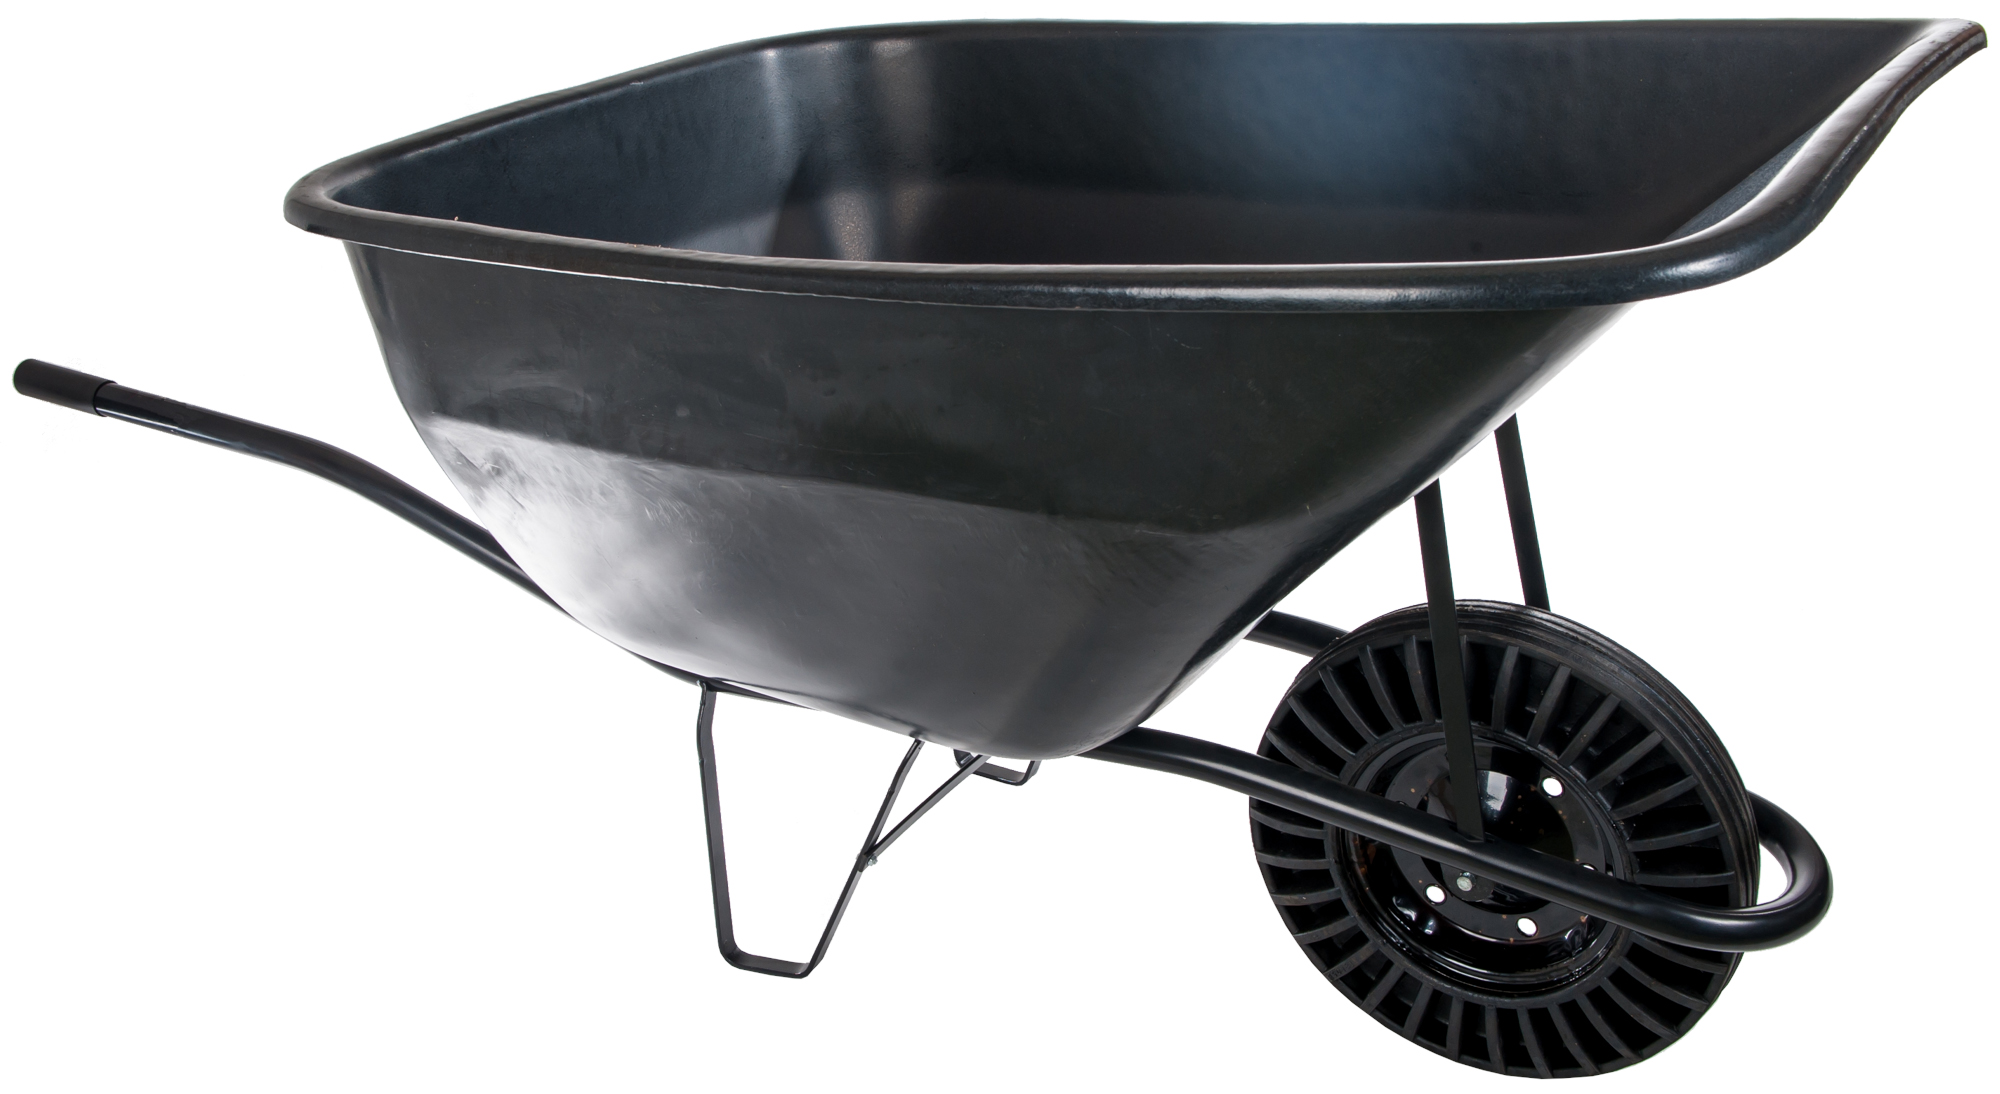 HTI Zahradní kolečko 180L bantam KZ04